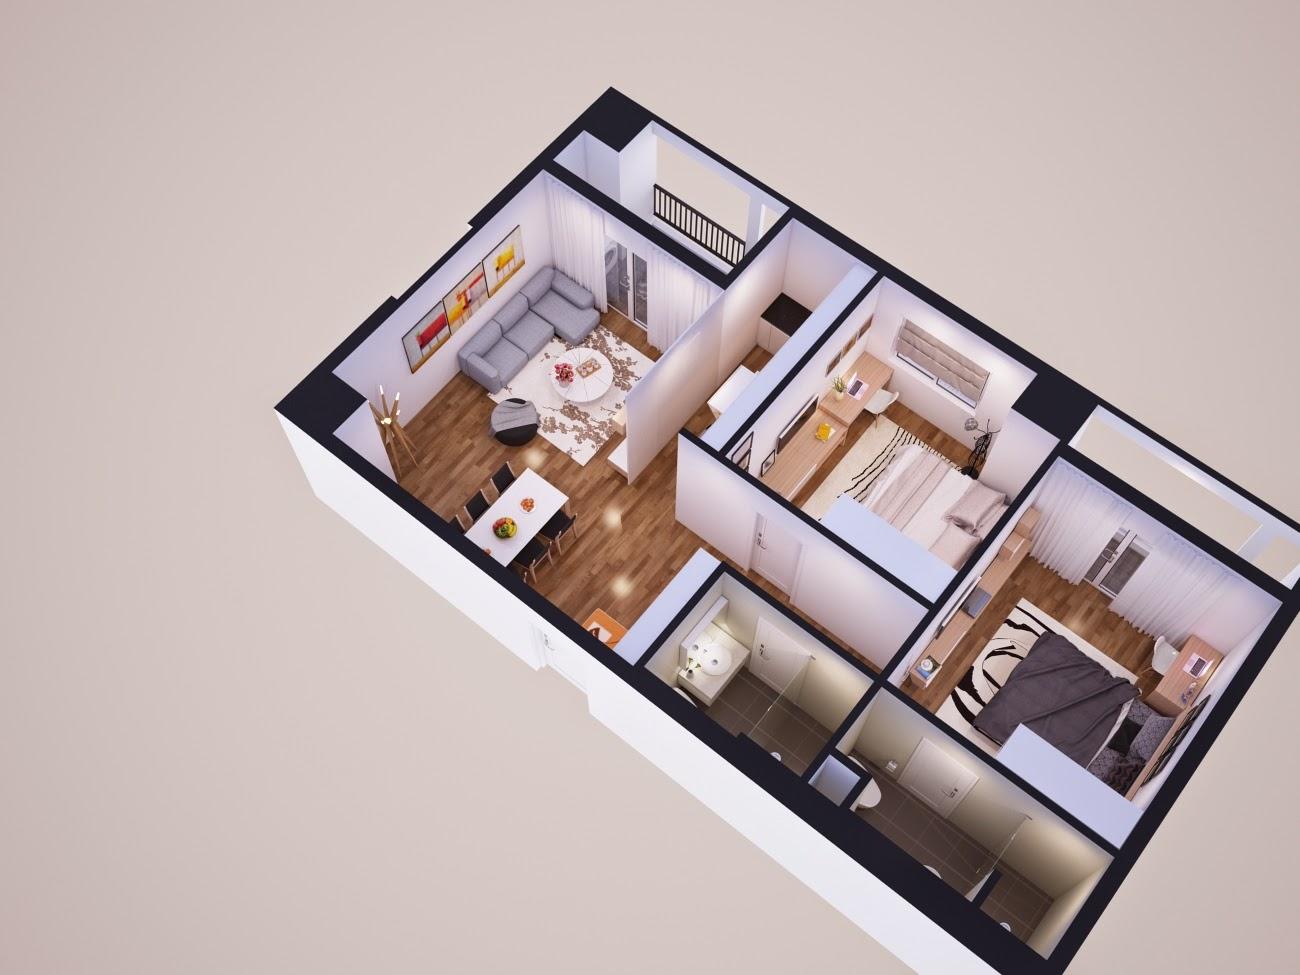 Các căn hộ tại Park View Residence có diện tích từ 57 m2 - 112m2 với 2 - 3 phòng ngủ được bố trí hợp lý, tạo không gian chung rộng thoáng và đảm bảo đối lưu không khí hoàn hảo.